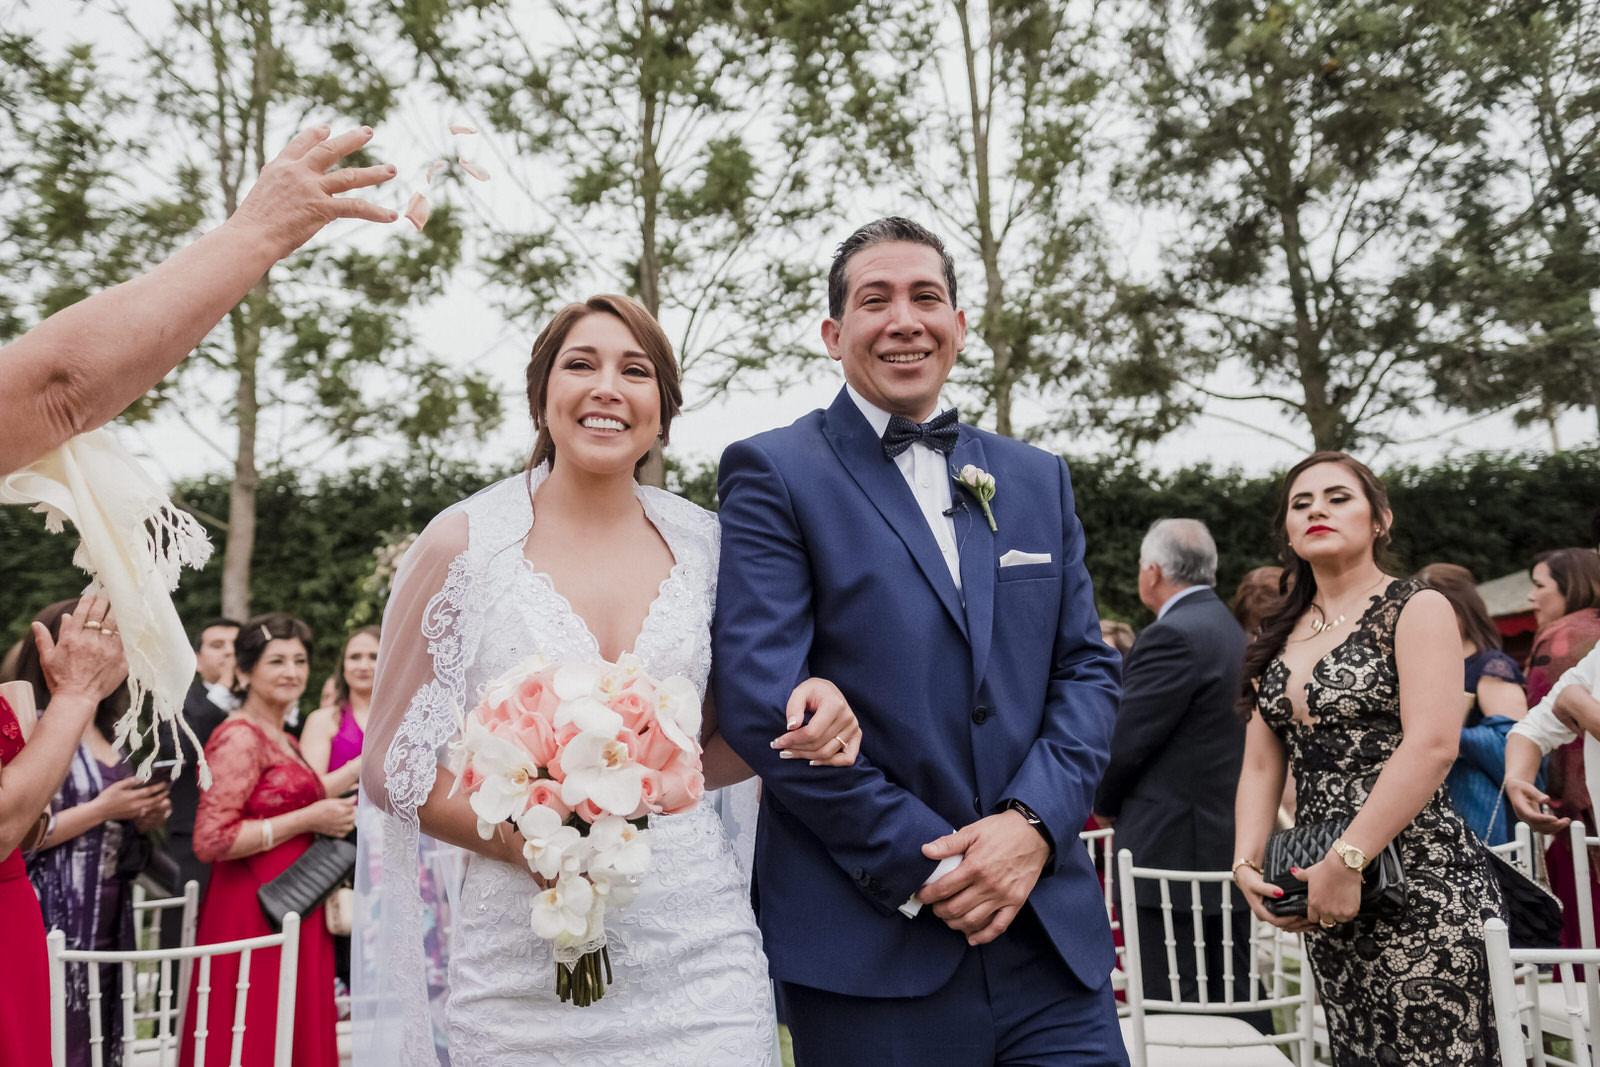 Boda de Juanita y Roy en Pachacamac